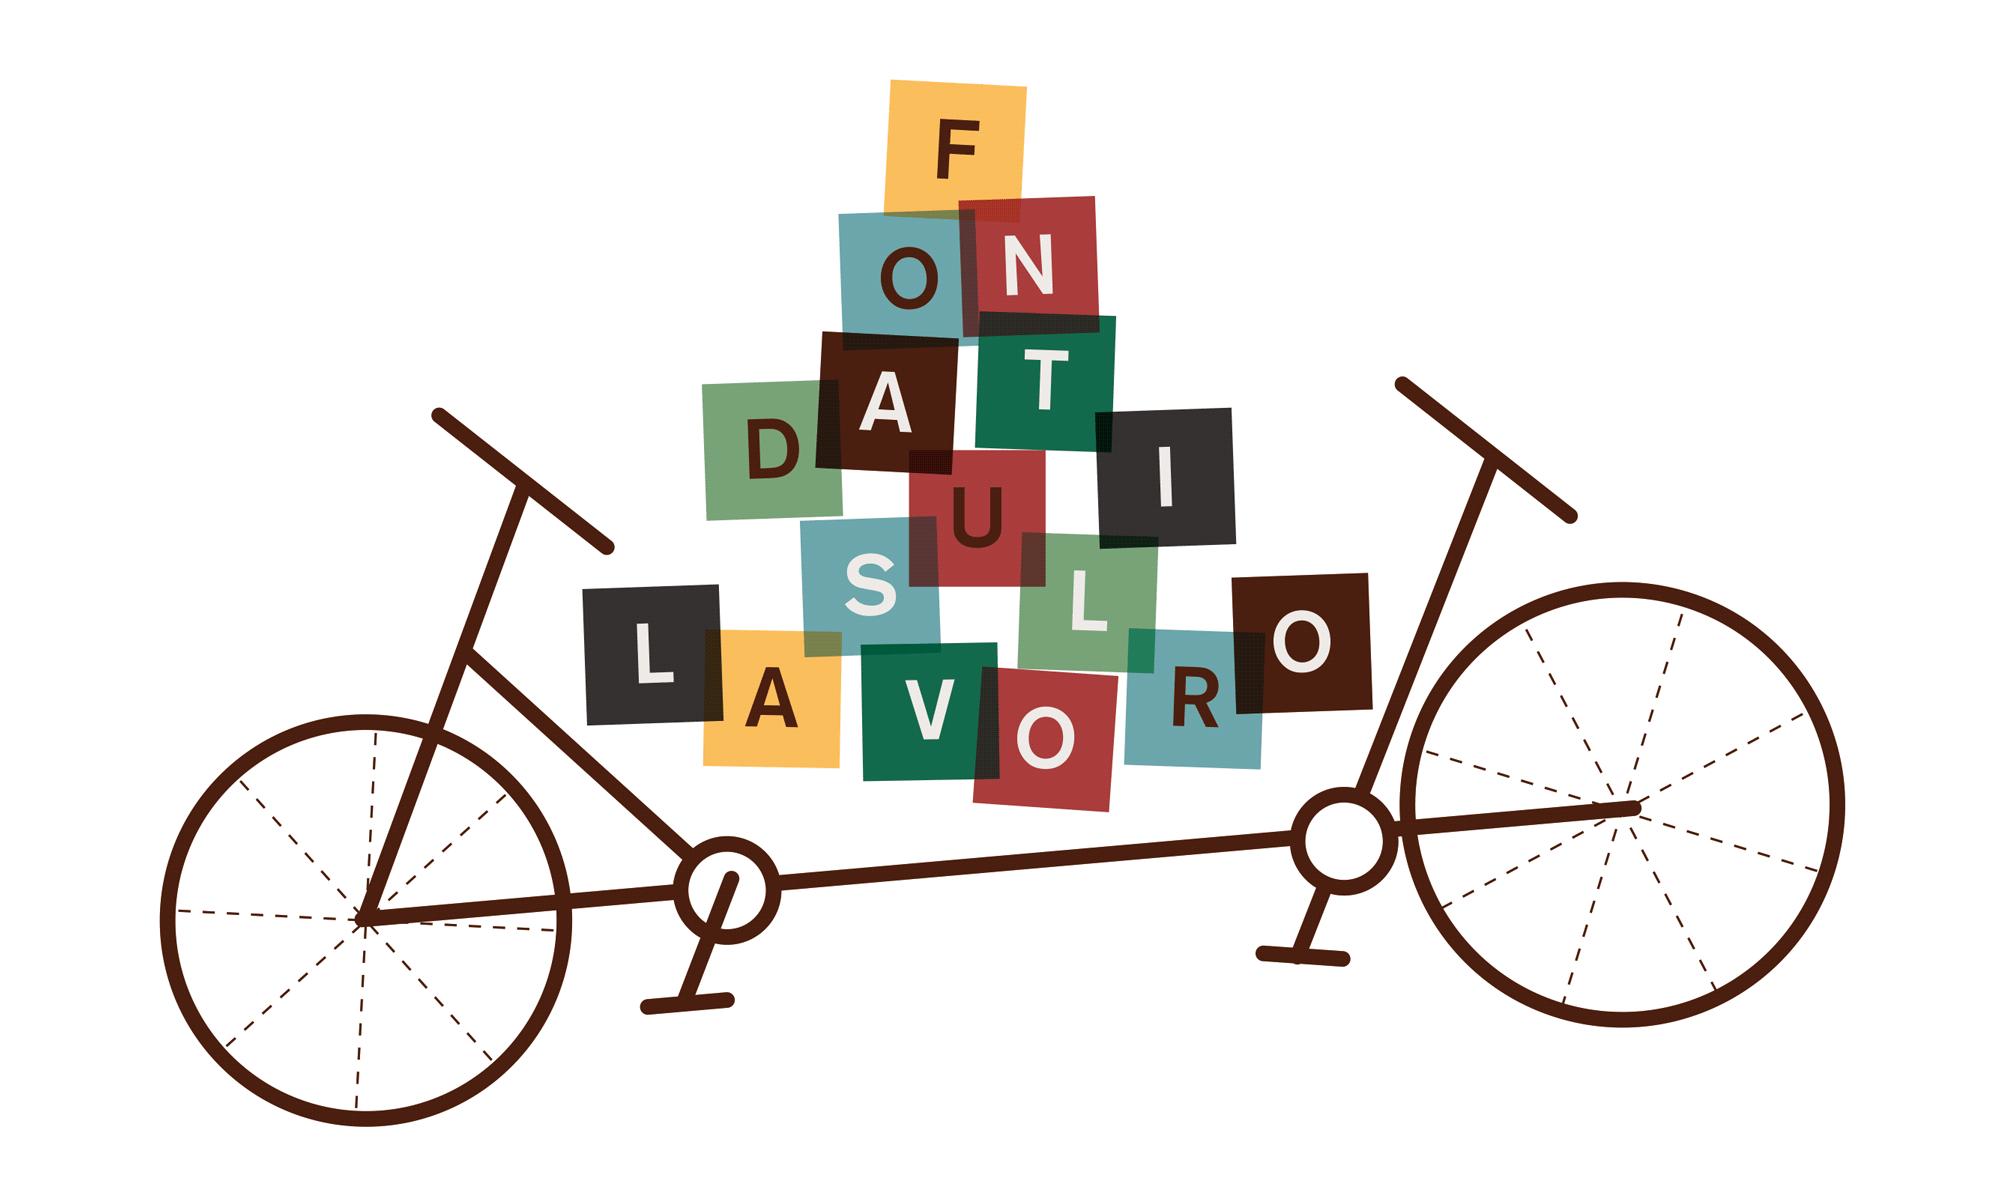 Logo Fondati sul Lavoro